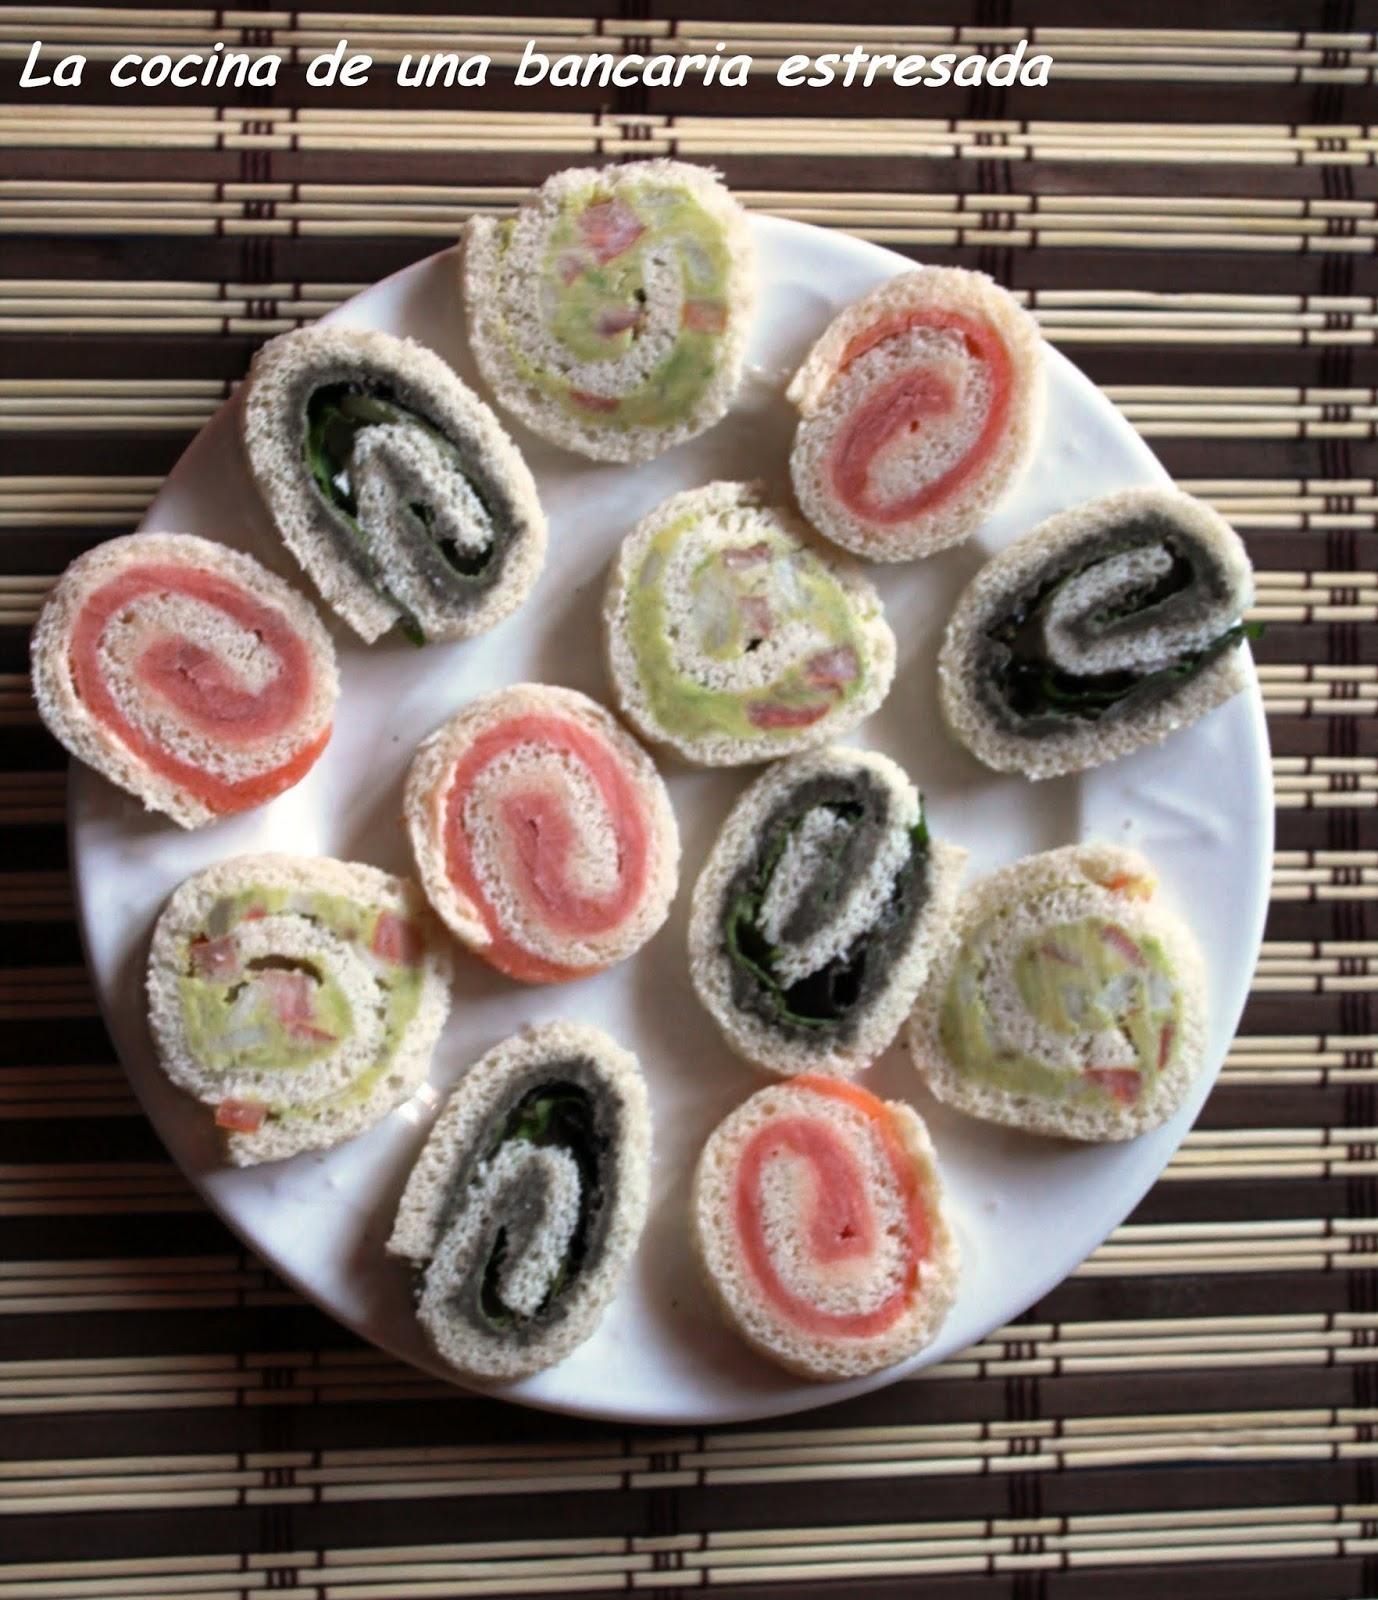 Enrollados de salmon, guacamole y tapenade.